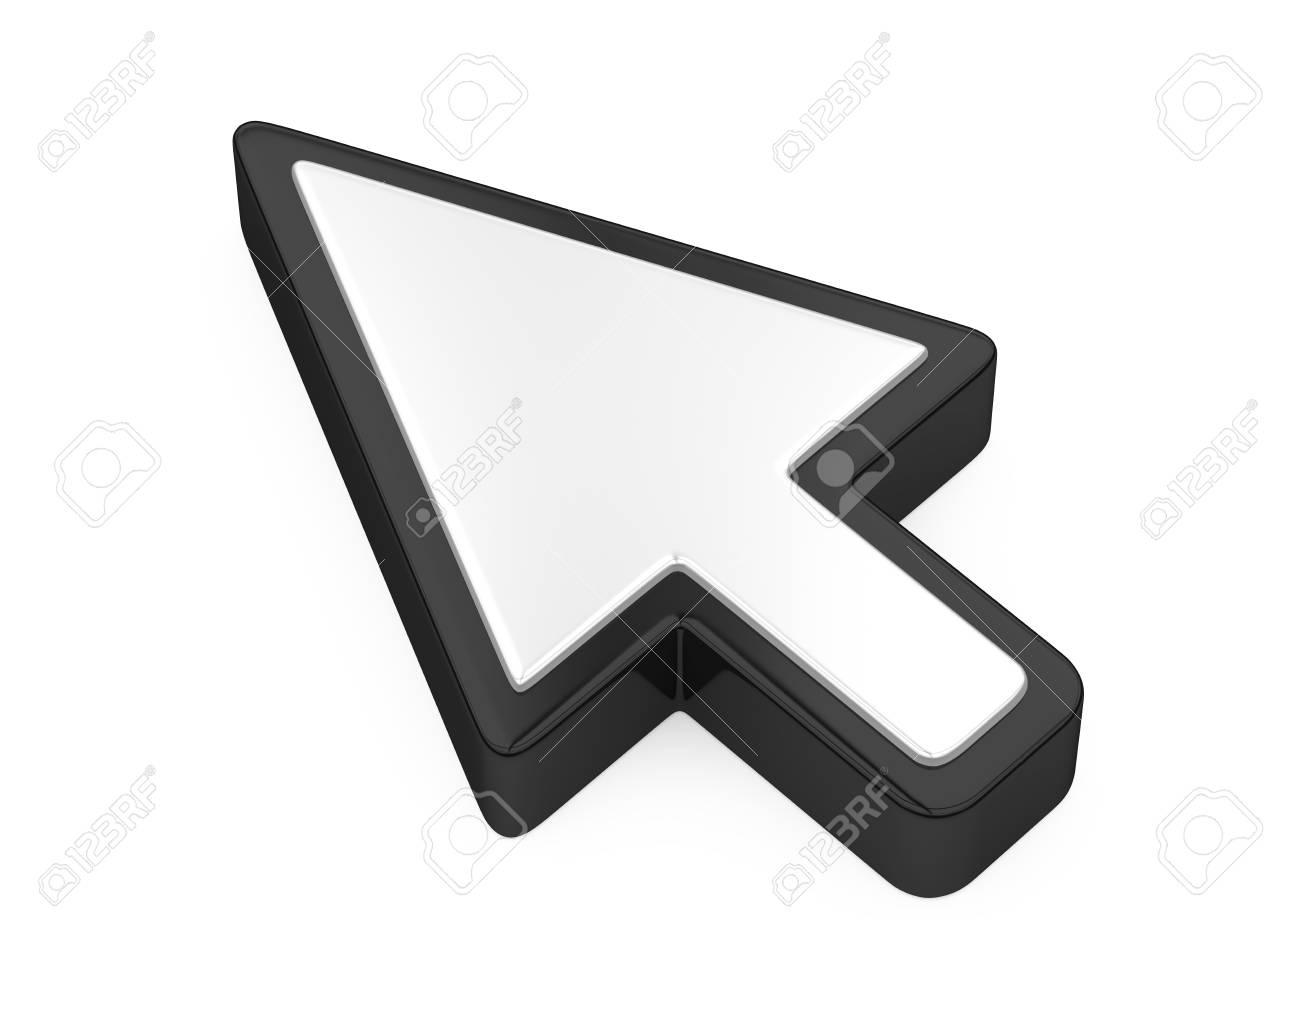 Mouse Cursor Arrow Isolated - 102511072